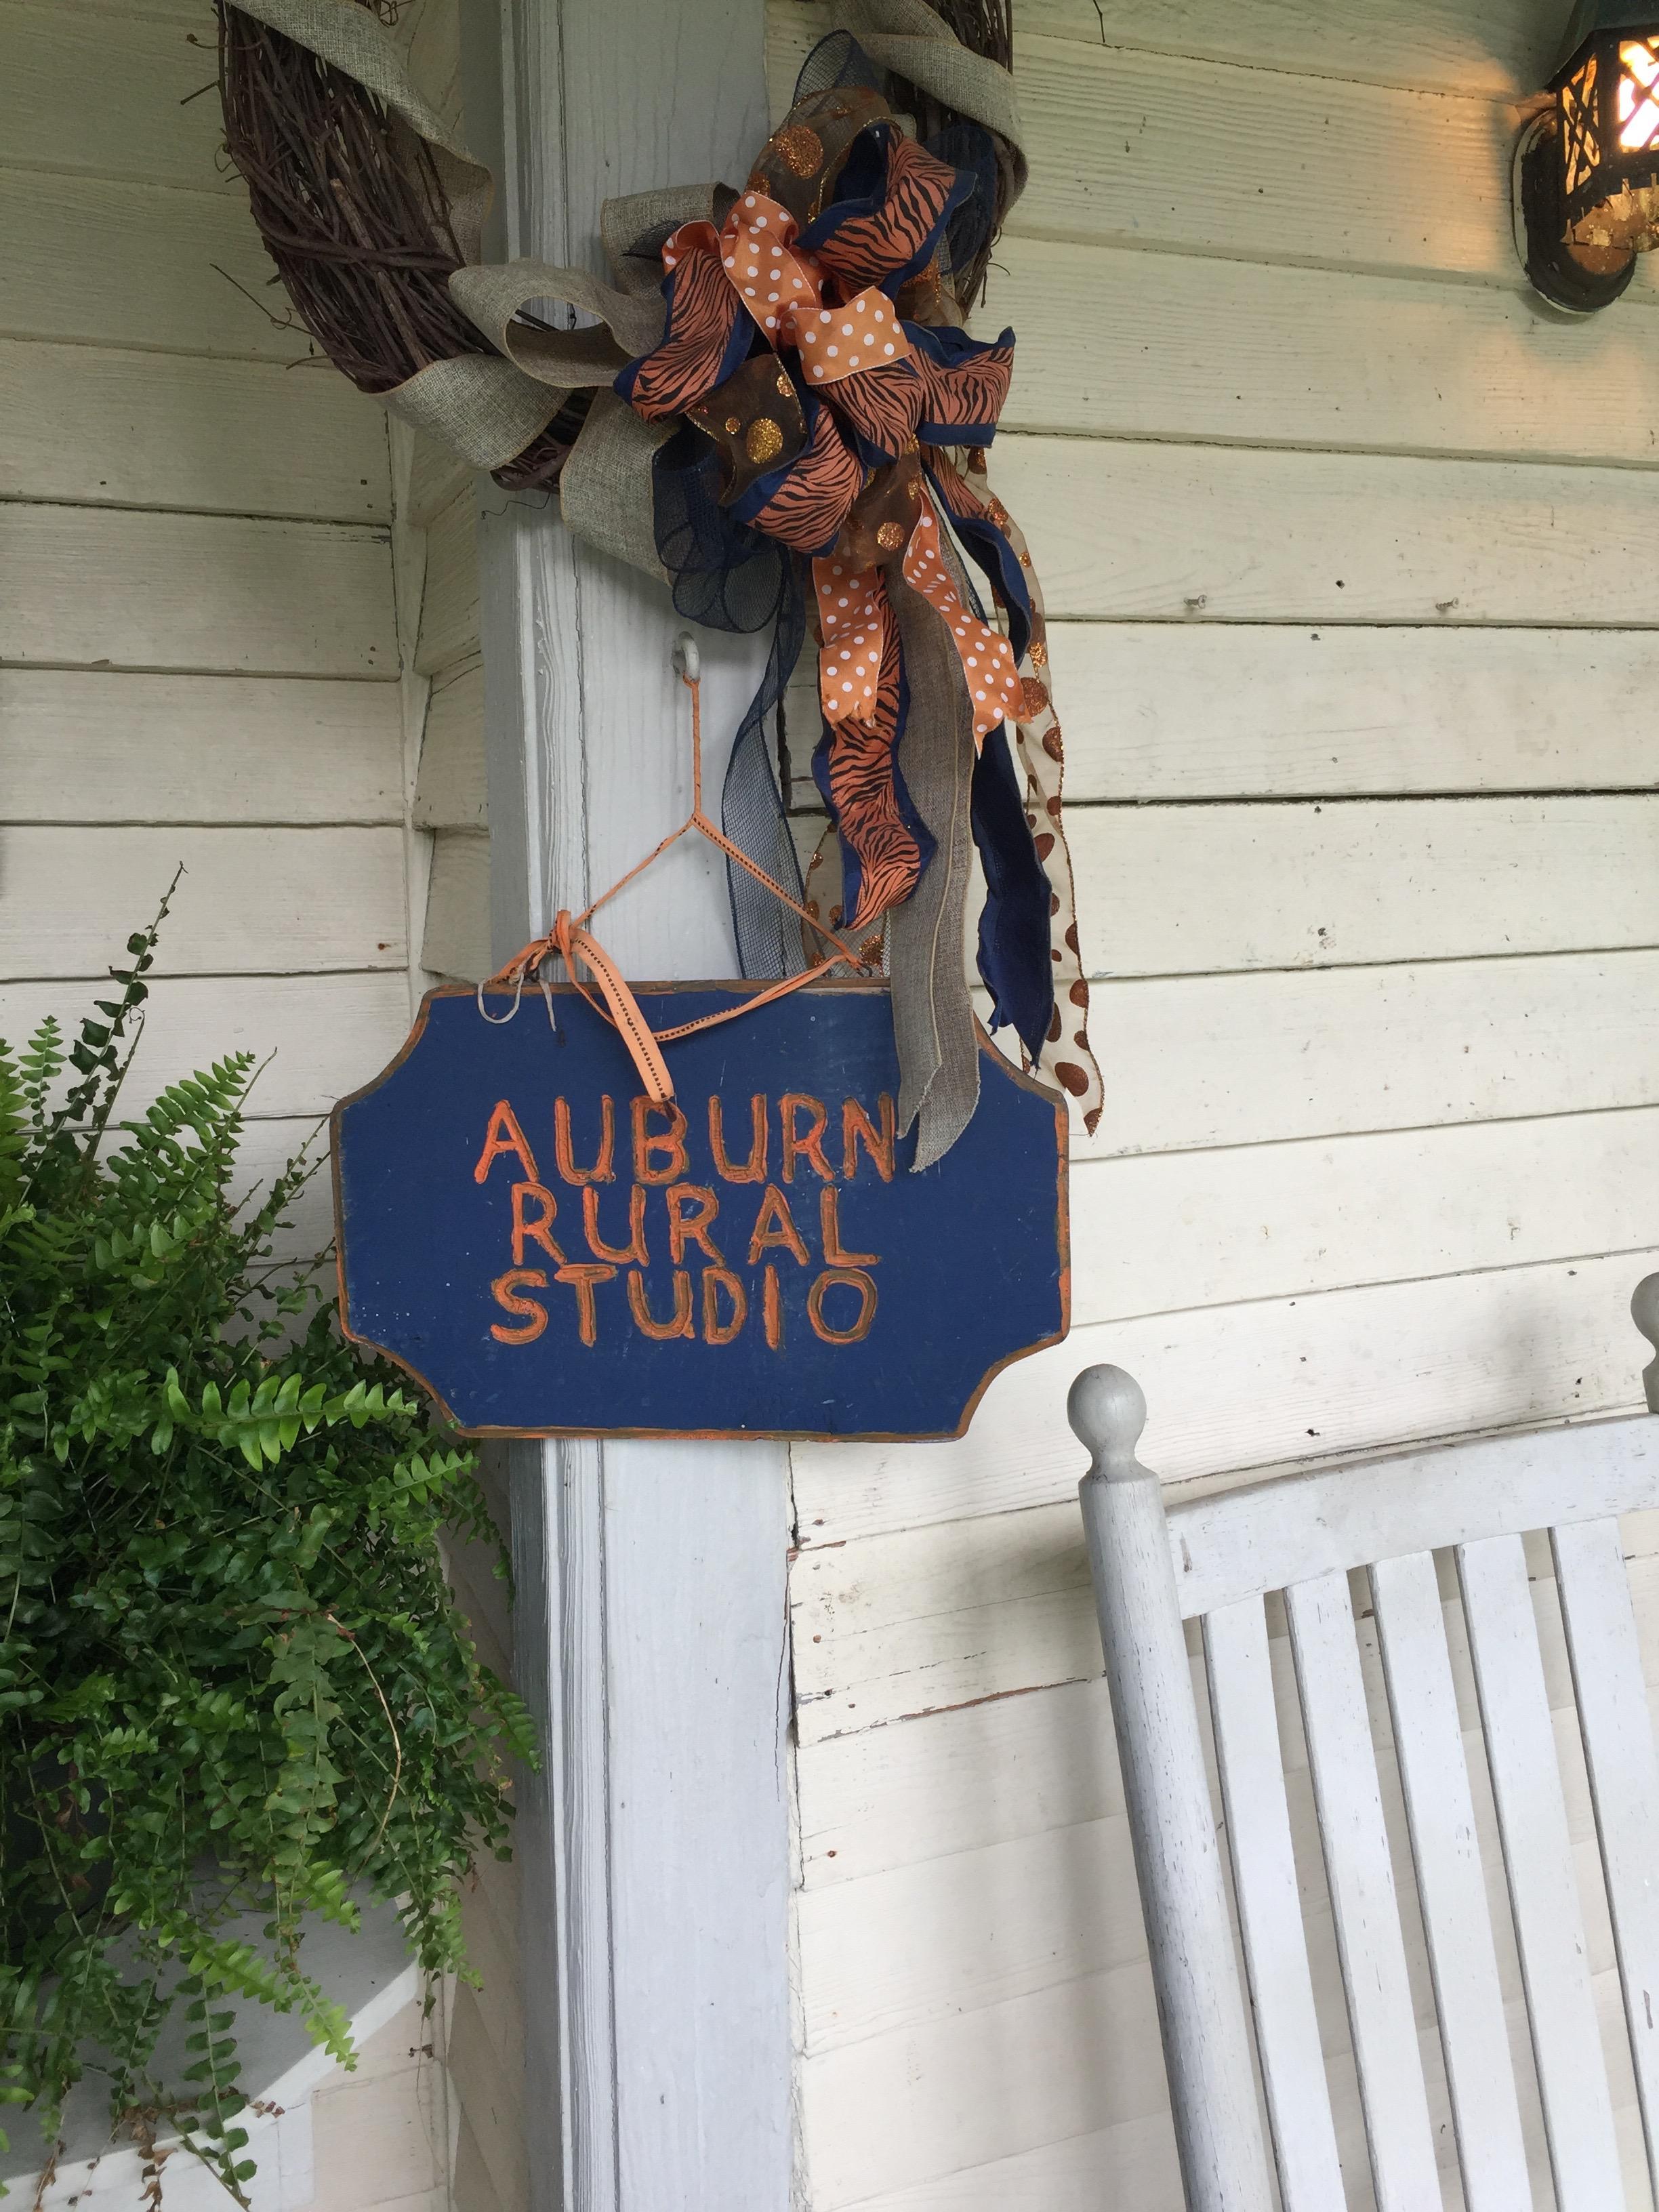 RuralStudio